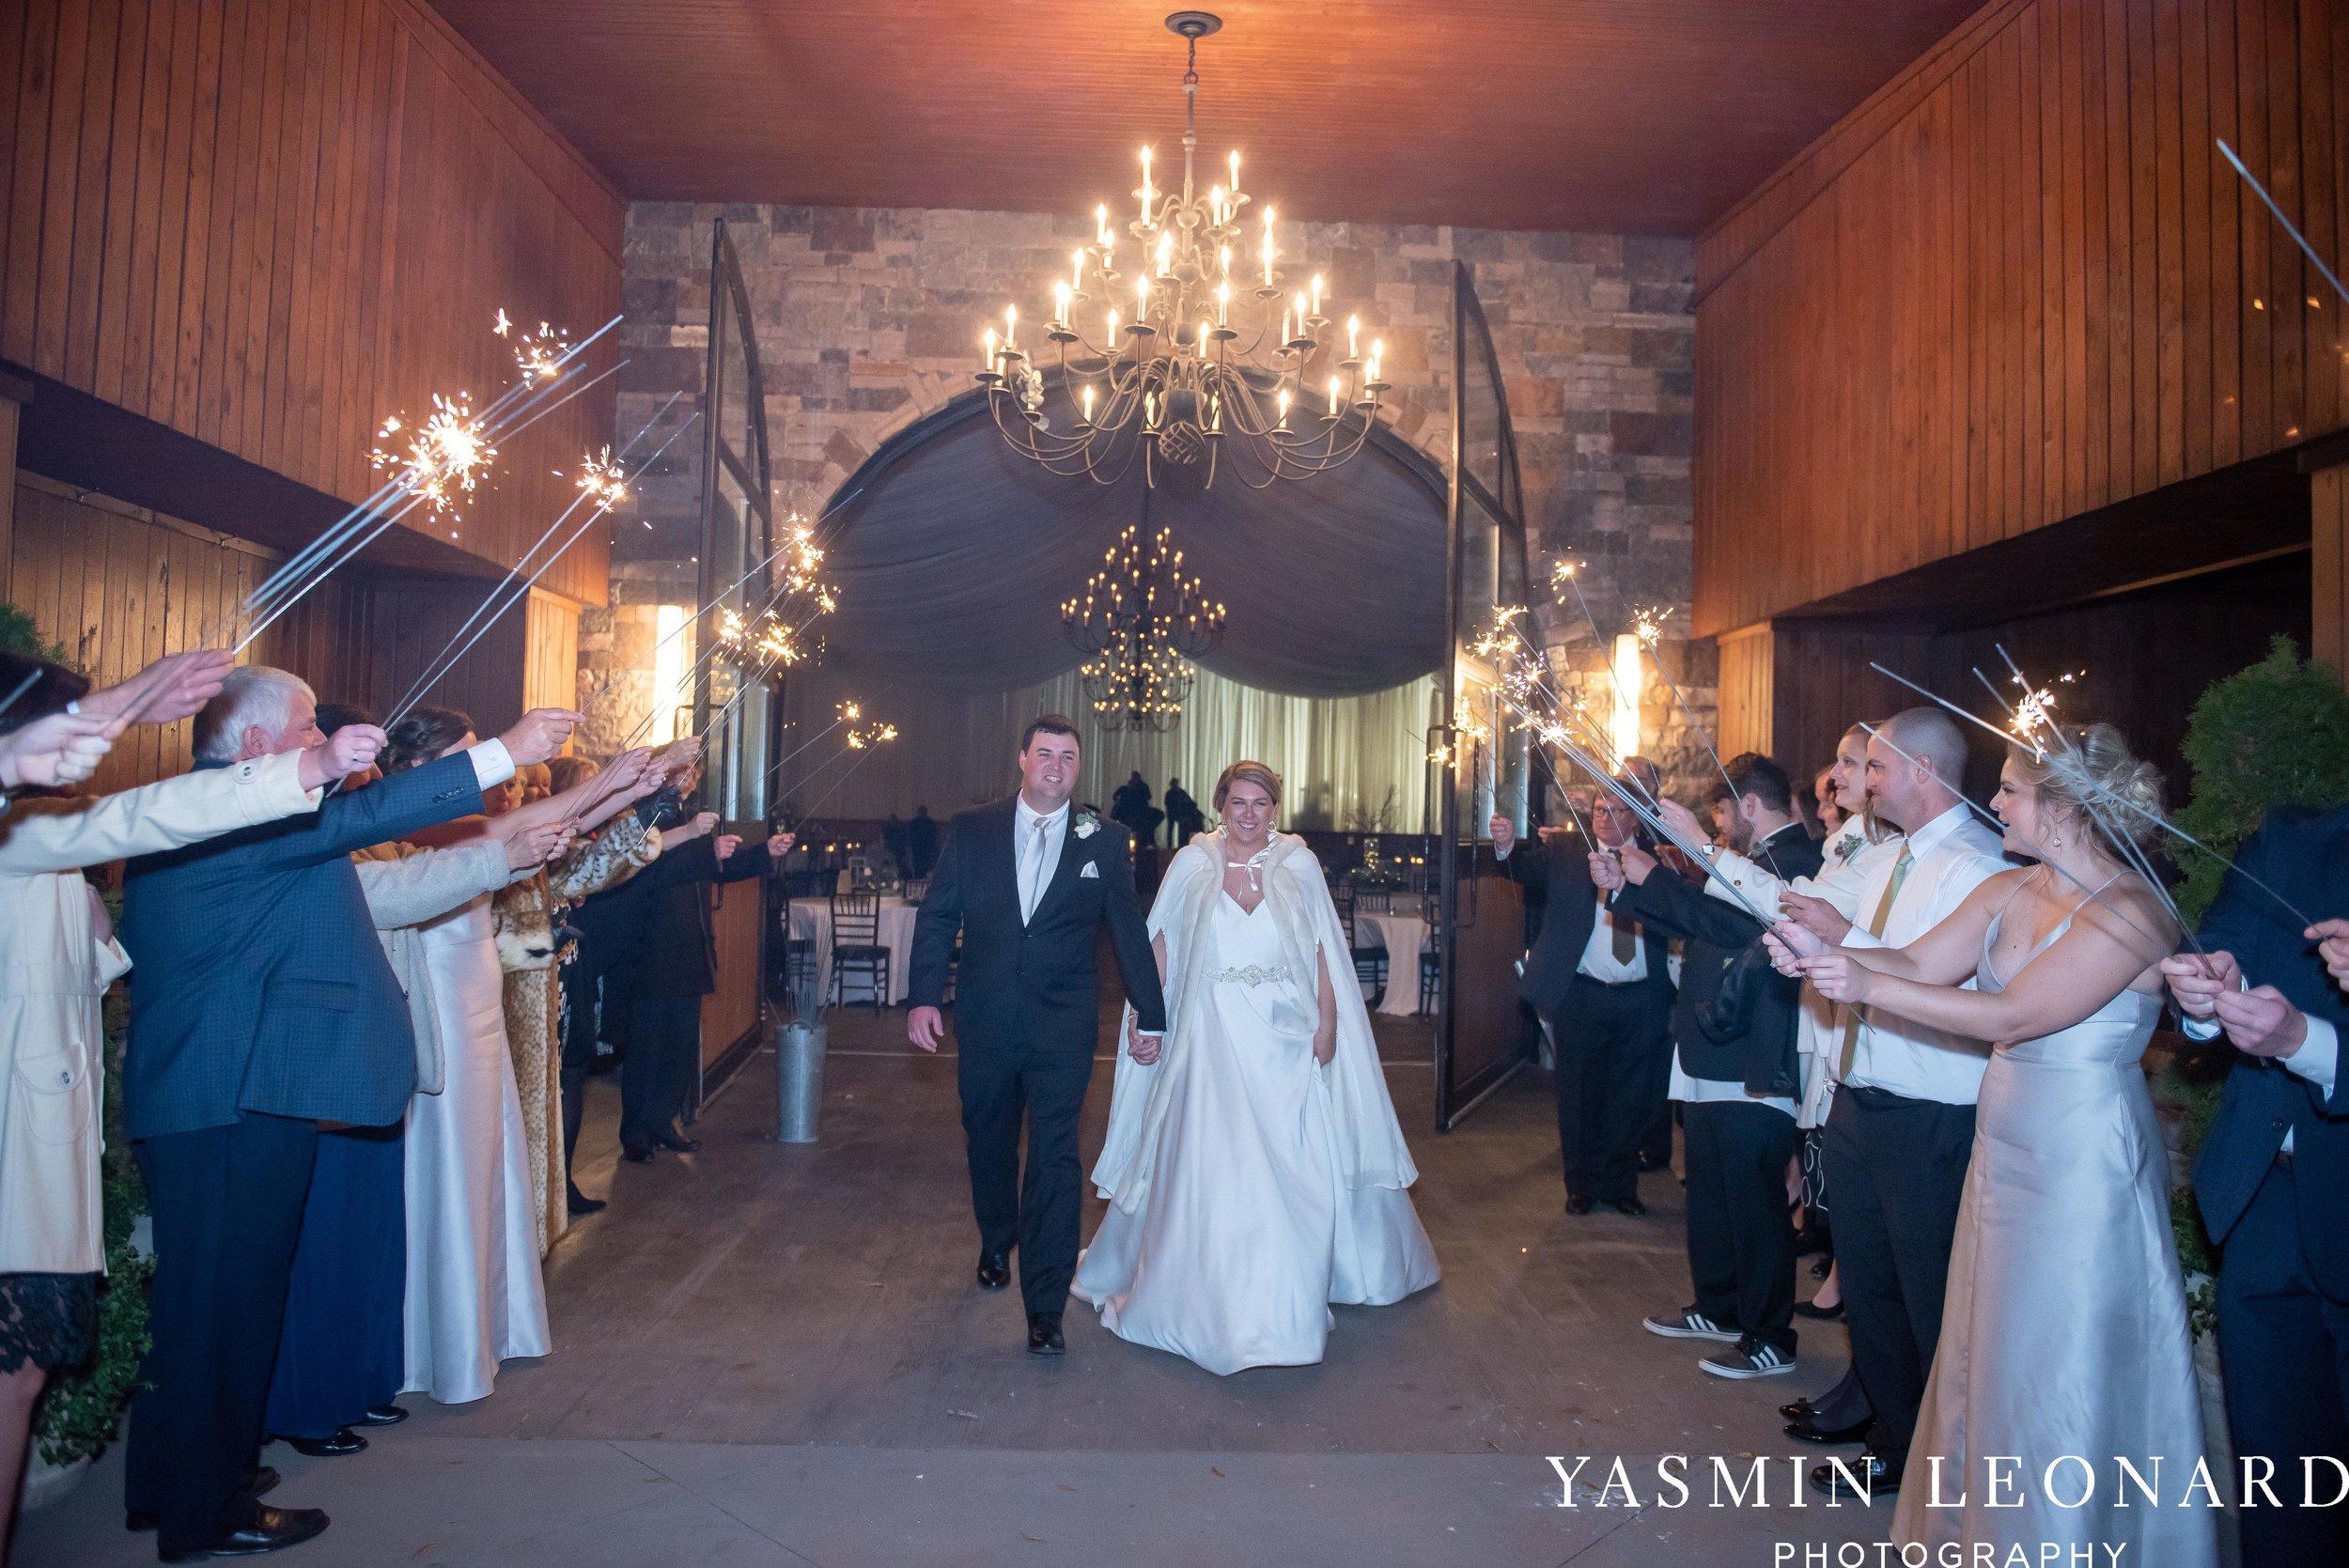 Adaumont Farm - Wesley Memorial Weddings - High Point Weddings - Just Priceless - NC Wedding Photographer - Yasmin Leonard Photography - High Point Wedding Vendors-76.jpg